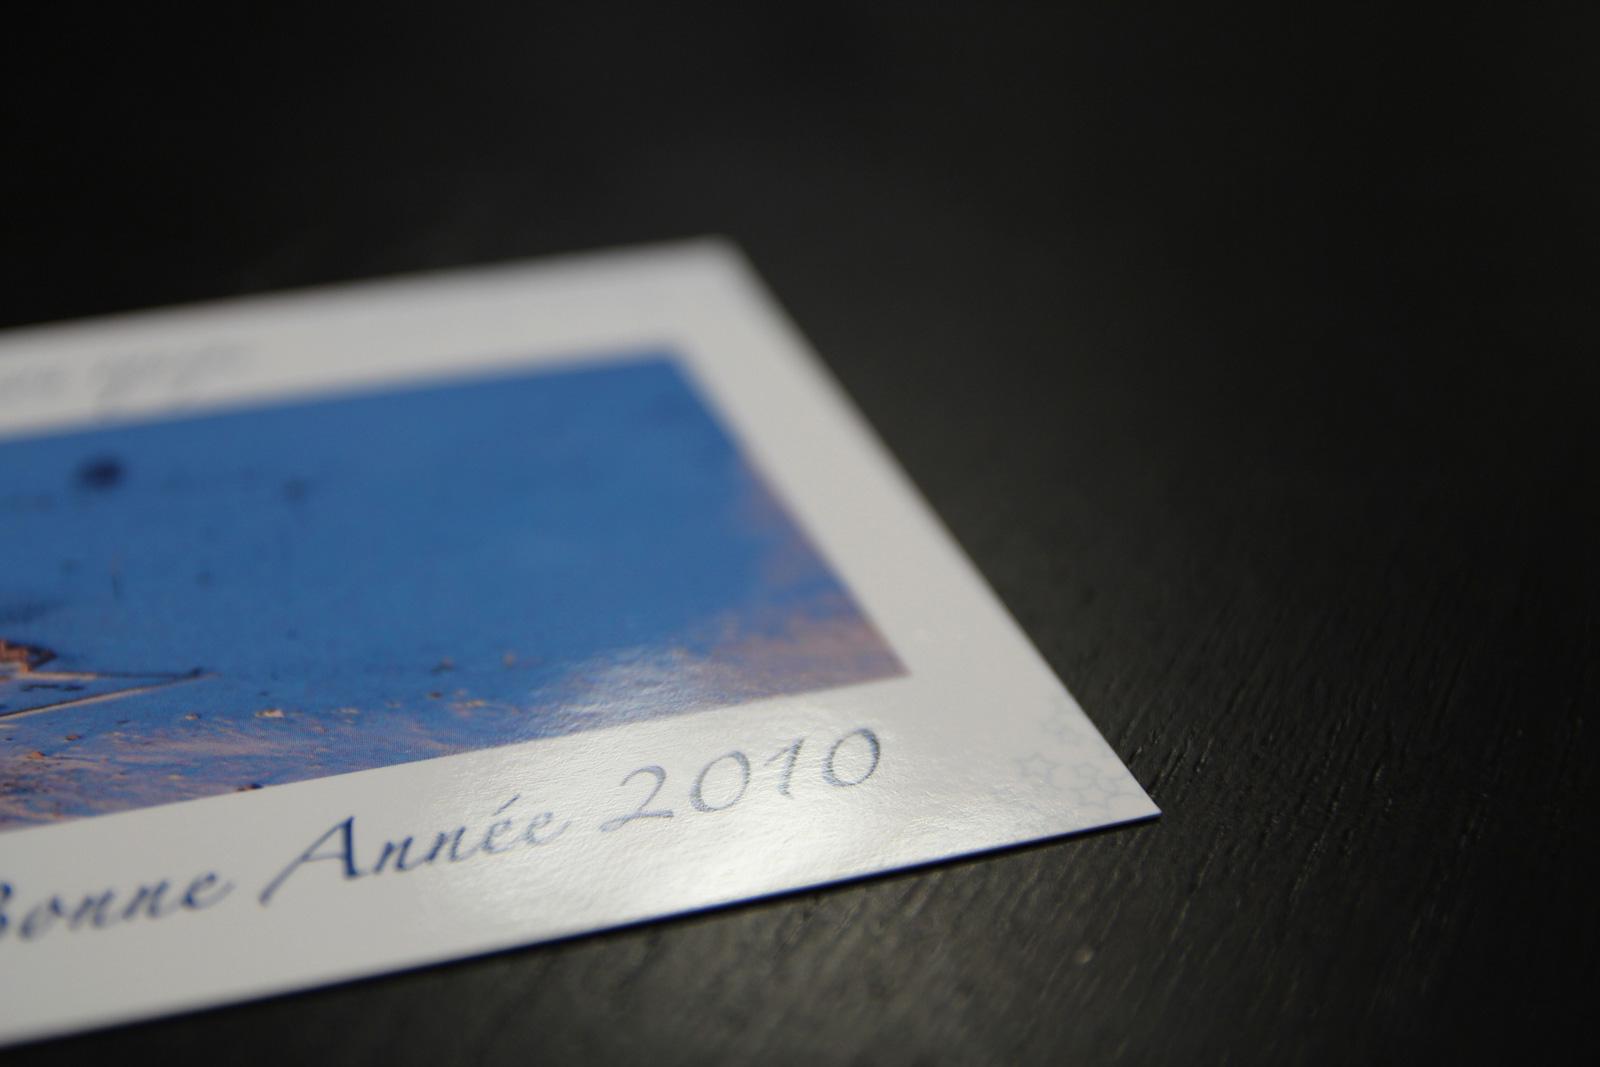 Impression carte de voeux carte de voeux pelliculage Impression carte de voeux